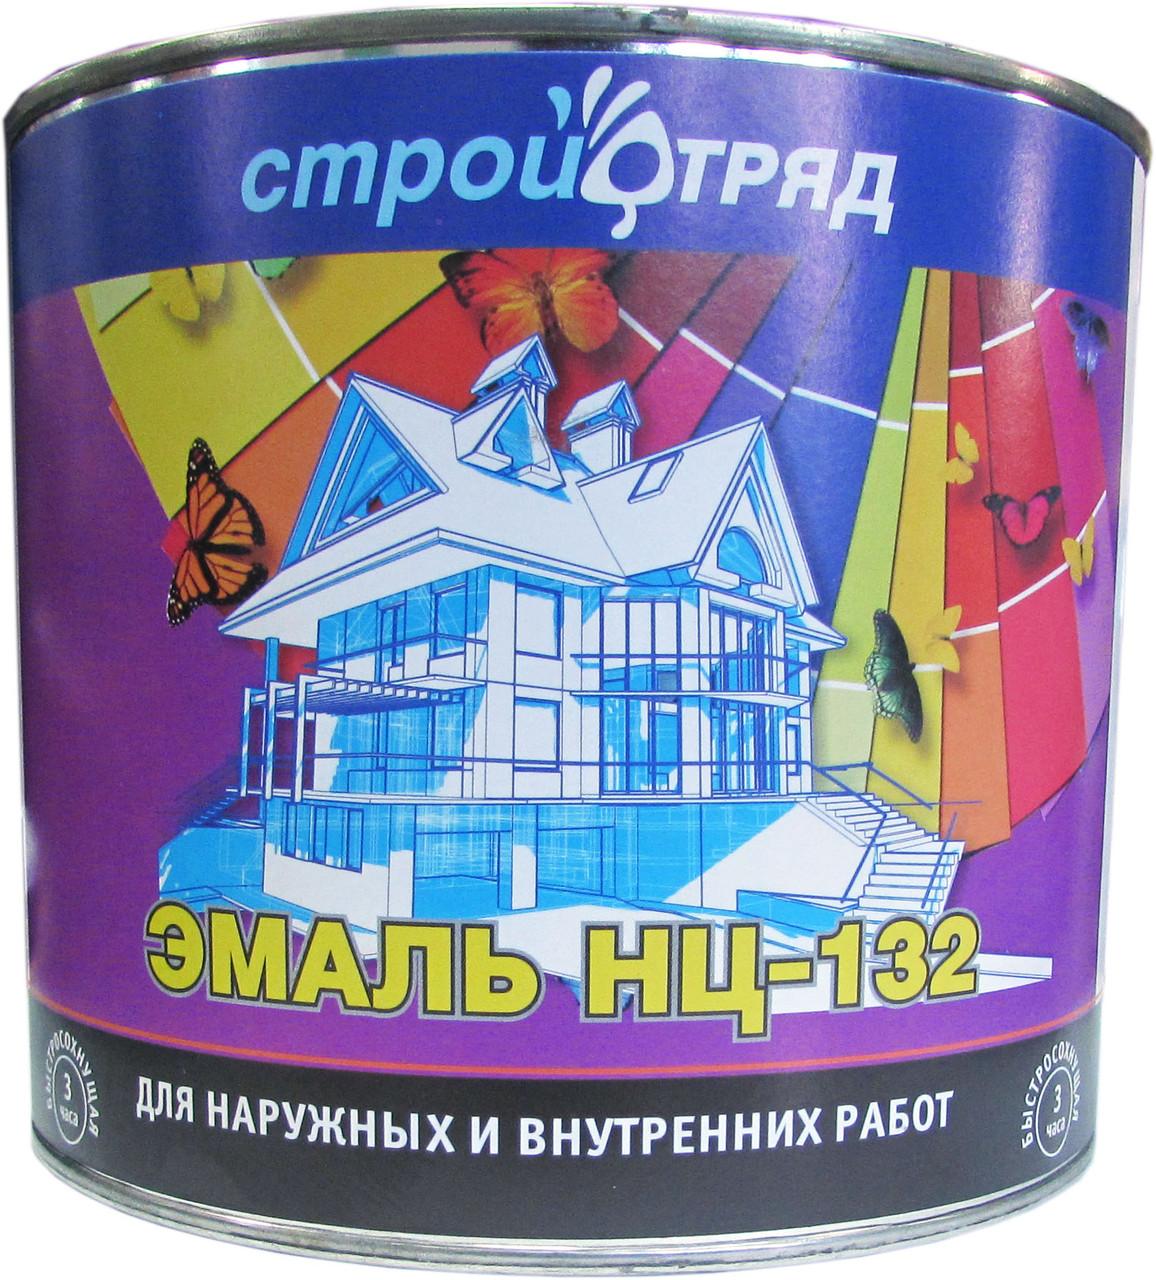 ЭМАЛЬ НЦ-132 коричневая 5 кг